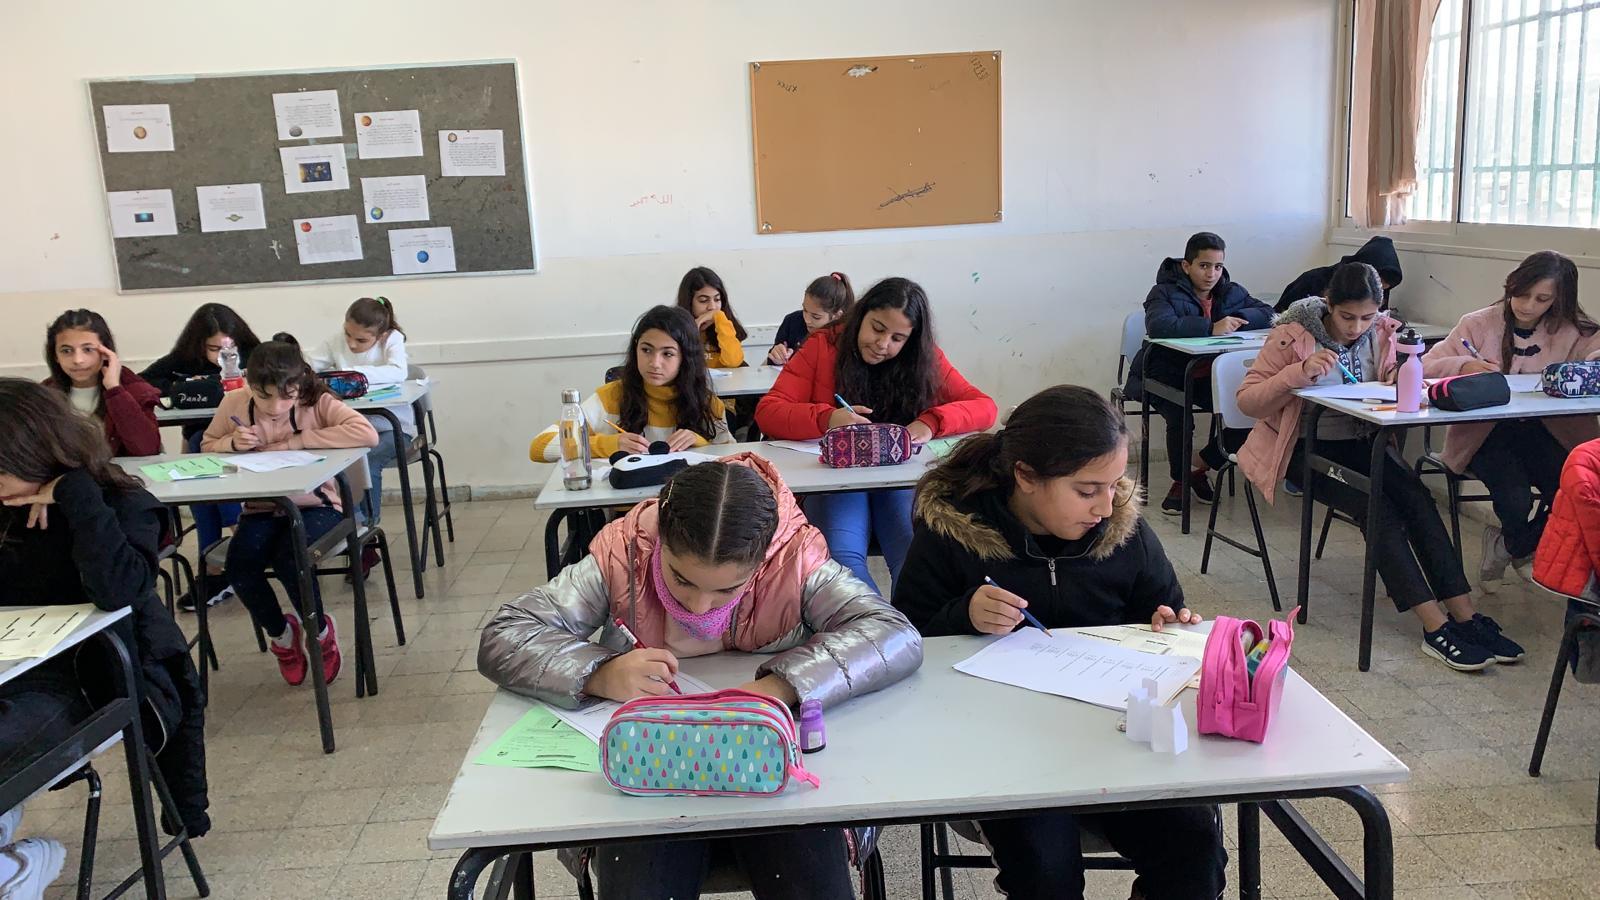 جَمعيَّة إبداع تُنظِّمُ مُسابقَةَ اللُّغة الإنجليزيَّة القُطريَّة العشرين